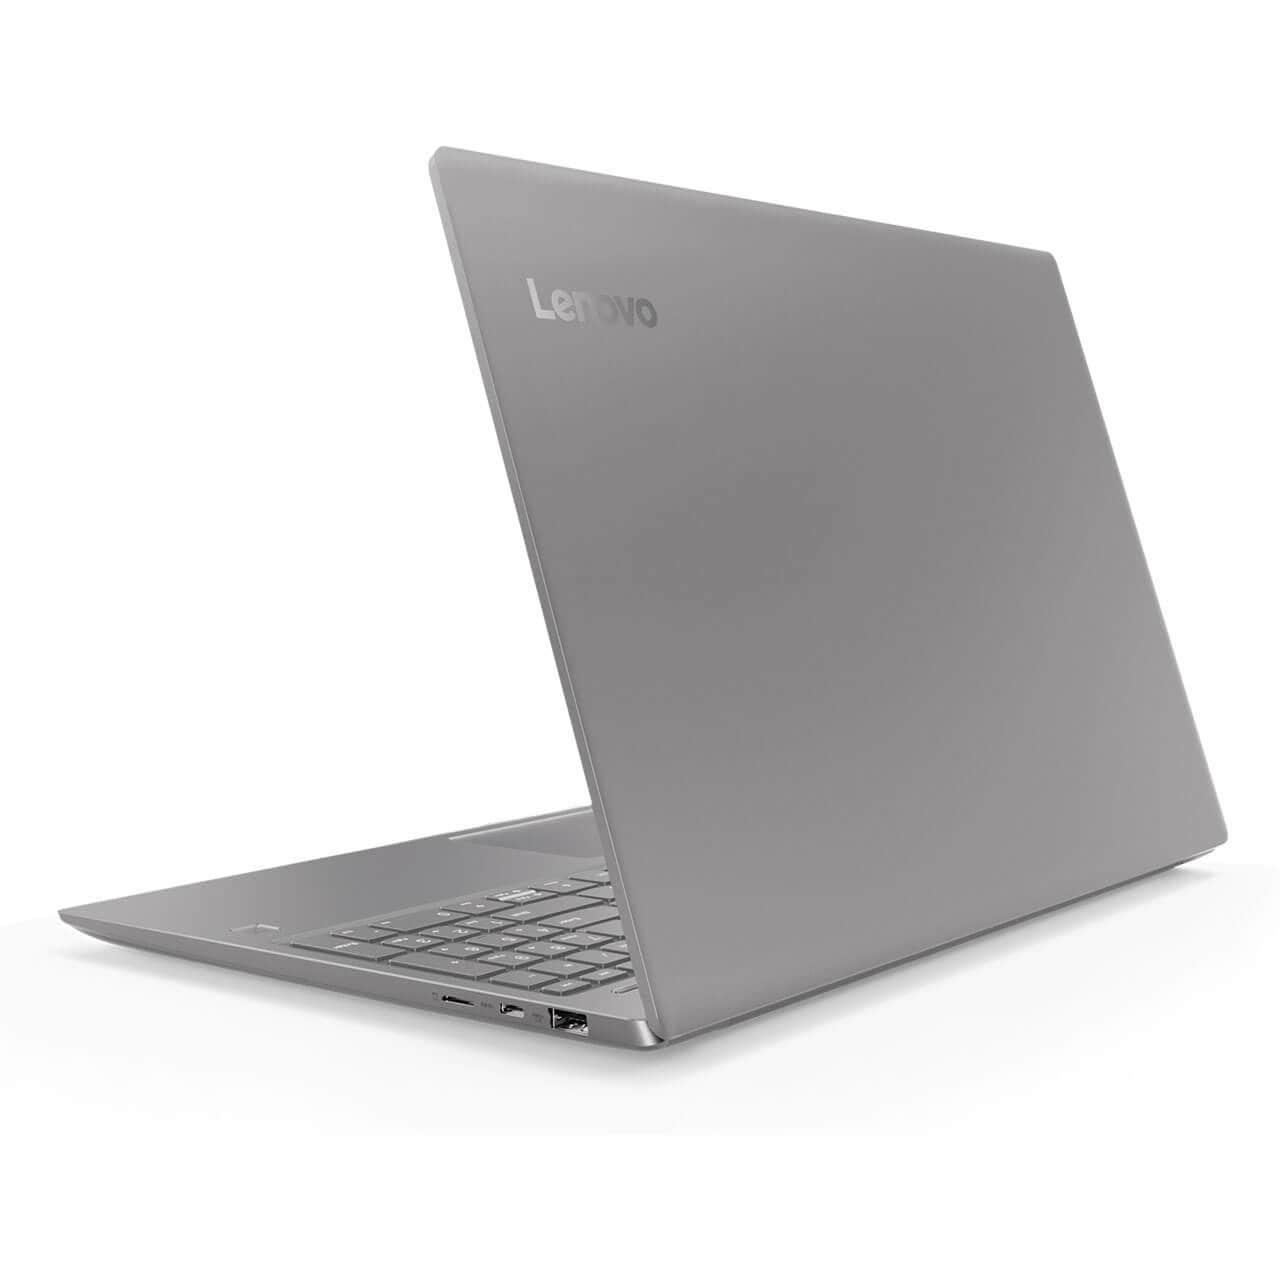 Lenovo IdeaPad 720s, 13 3